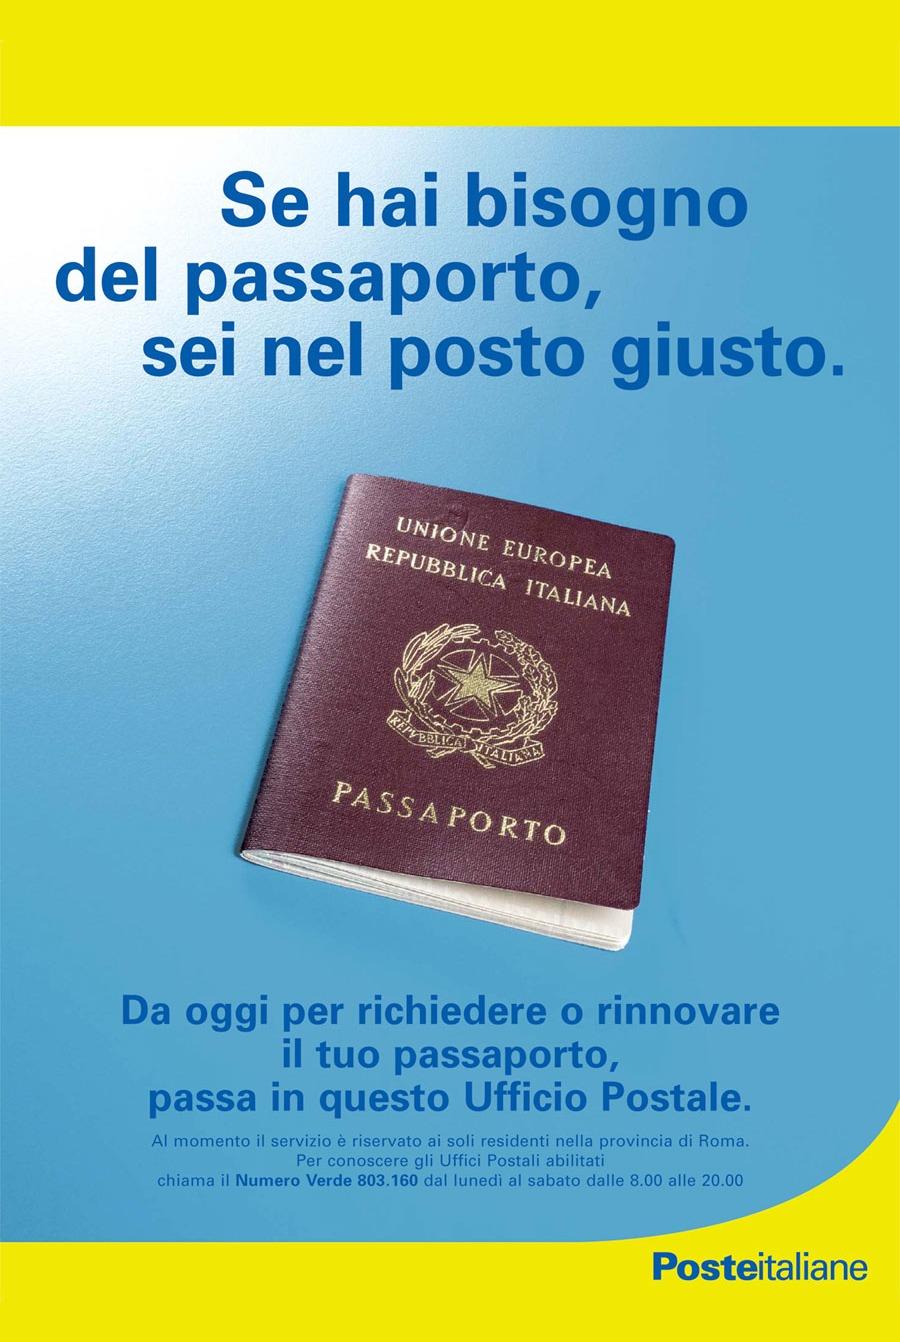 Passaporto-10x15